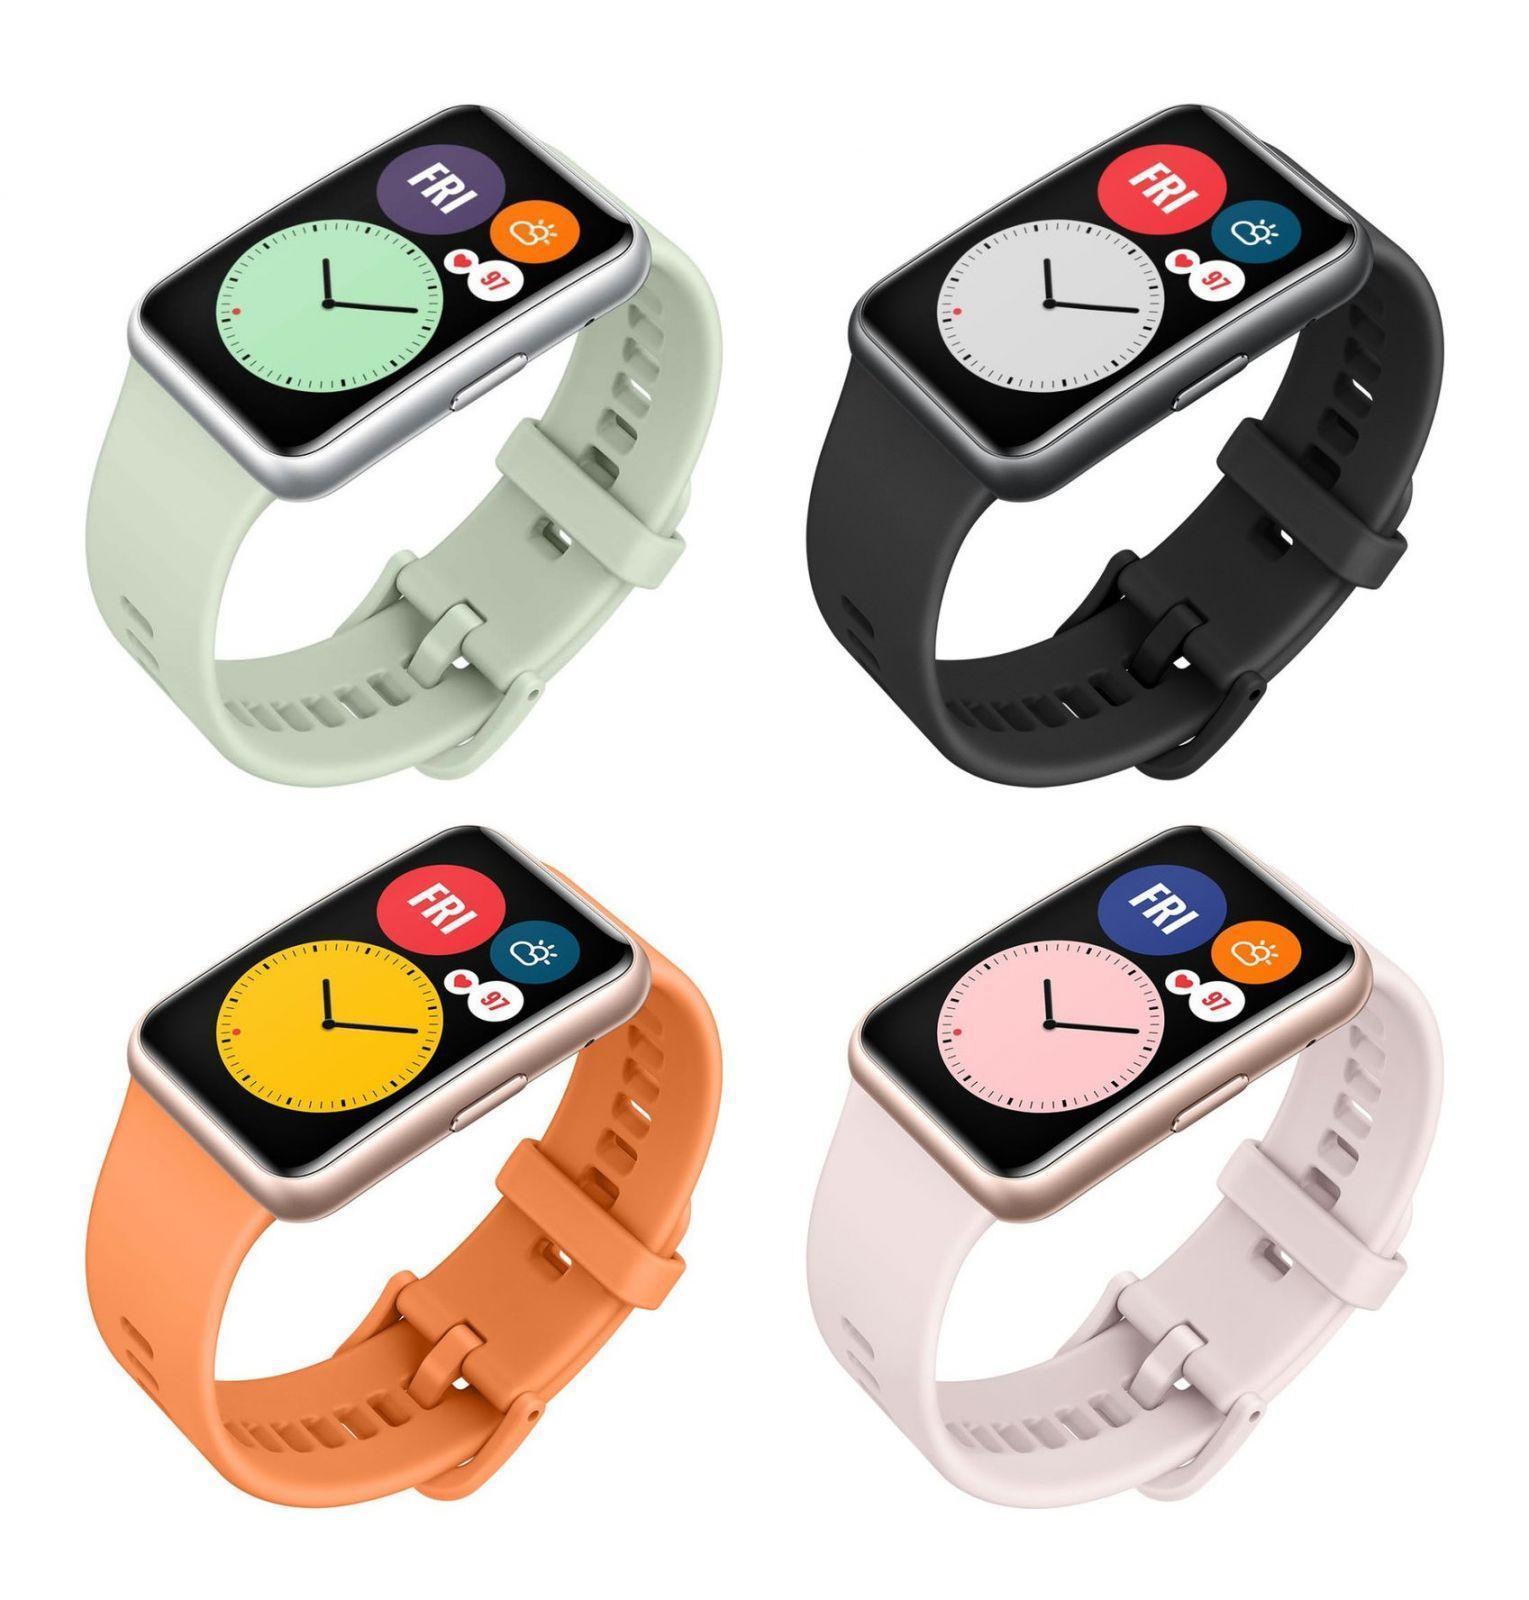 В сеть слили характеристики часов Huawei Watch Fit (efeoe9aumaaiqum large)